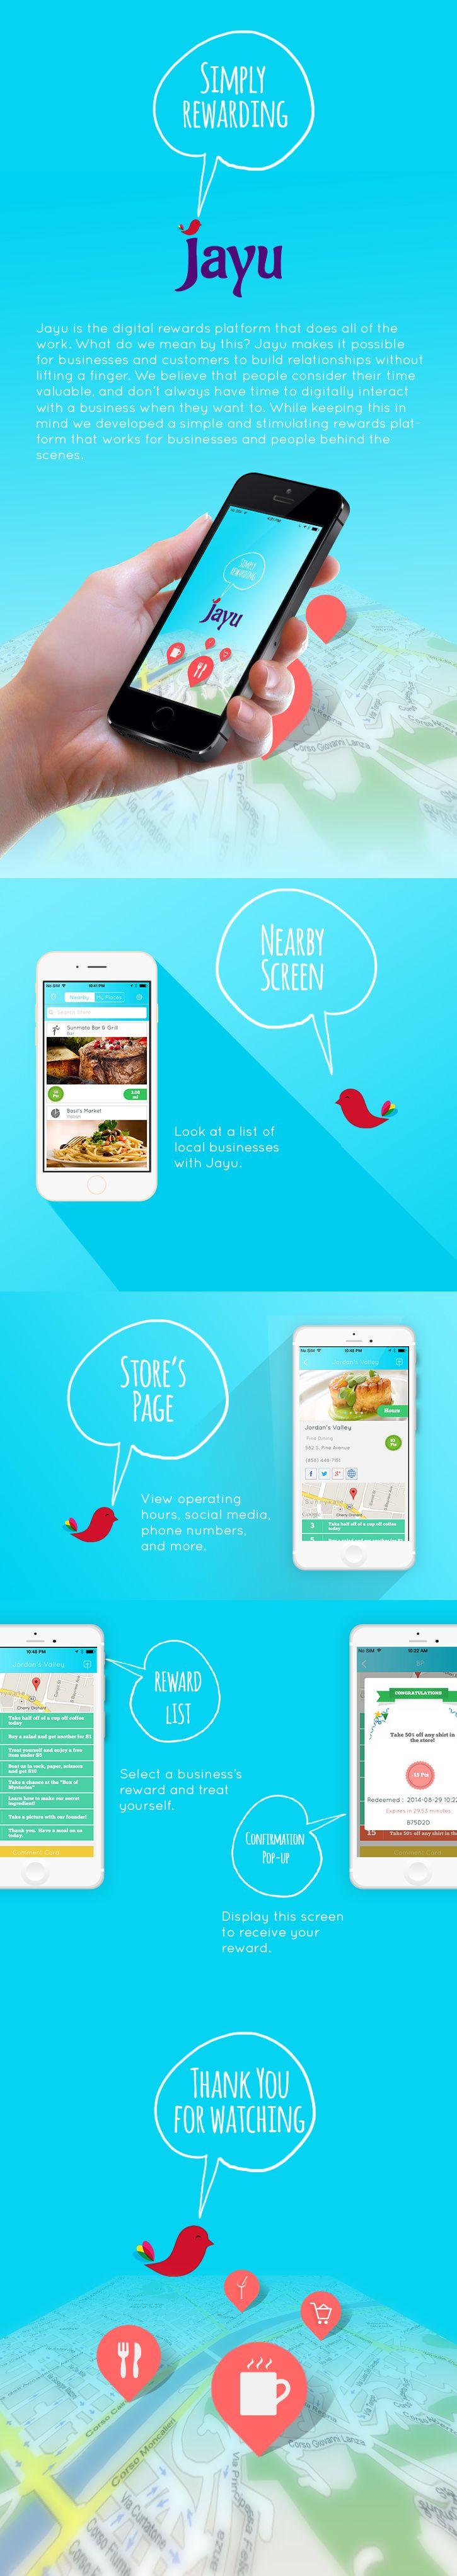 https://www.behance.net/gallery/22668107/Jayu-Location-based-app